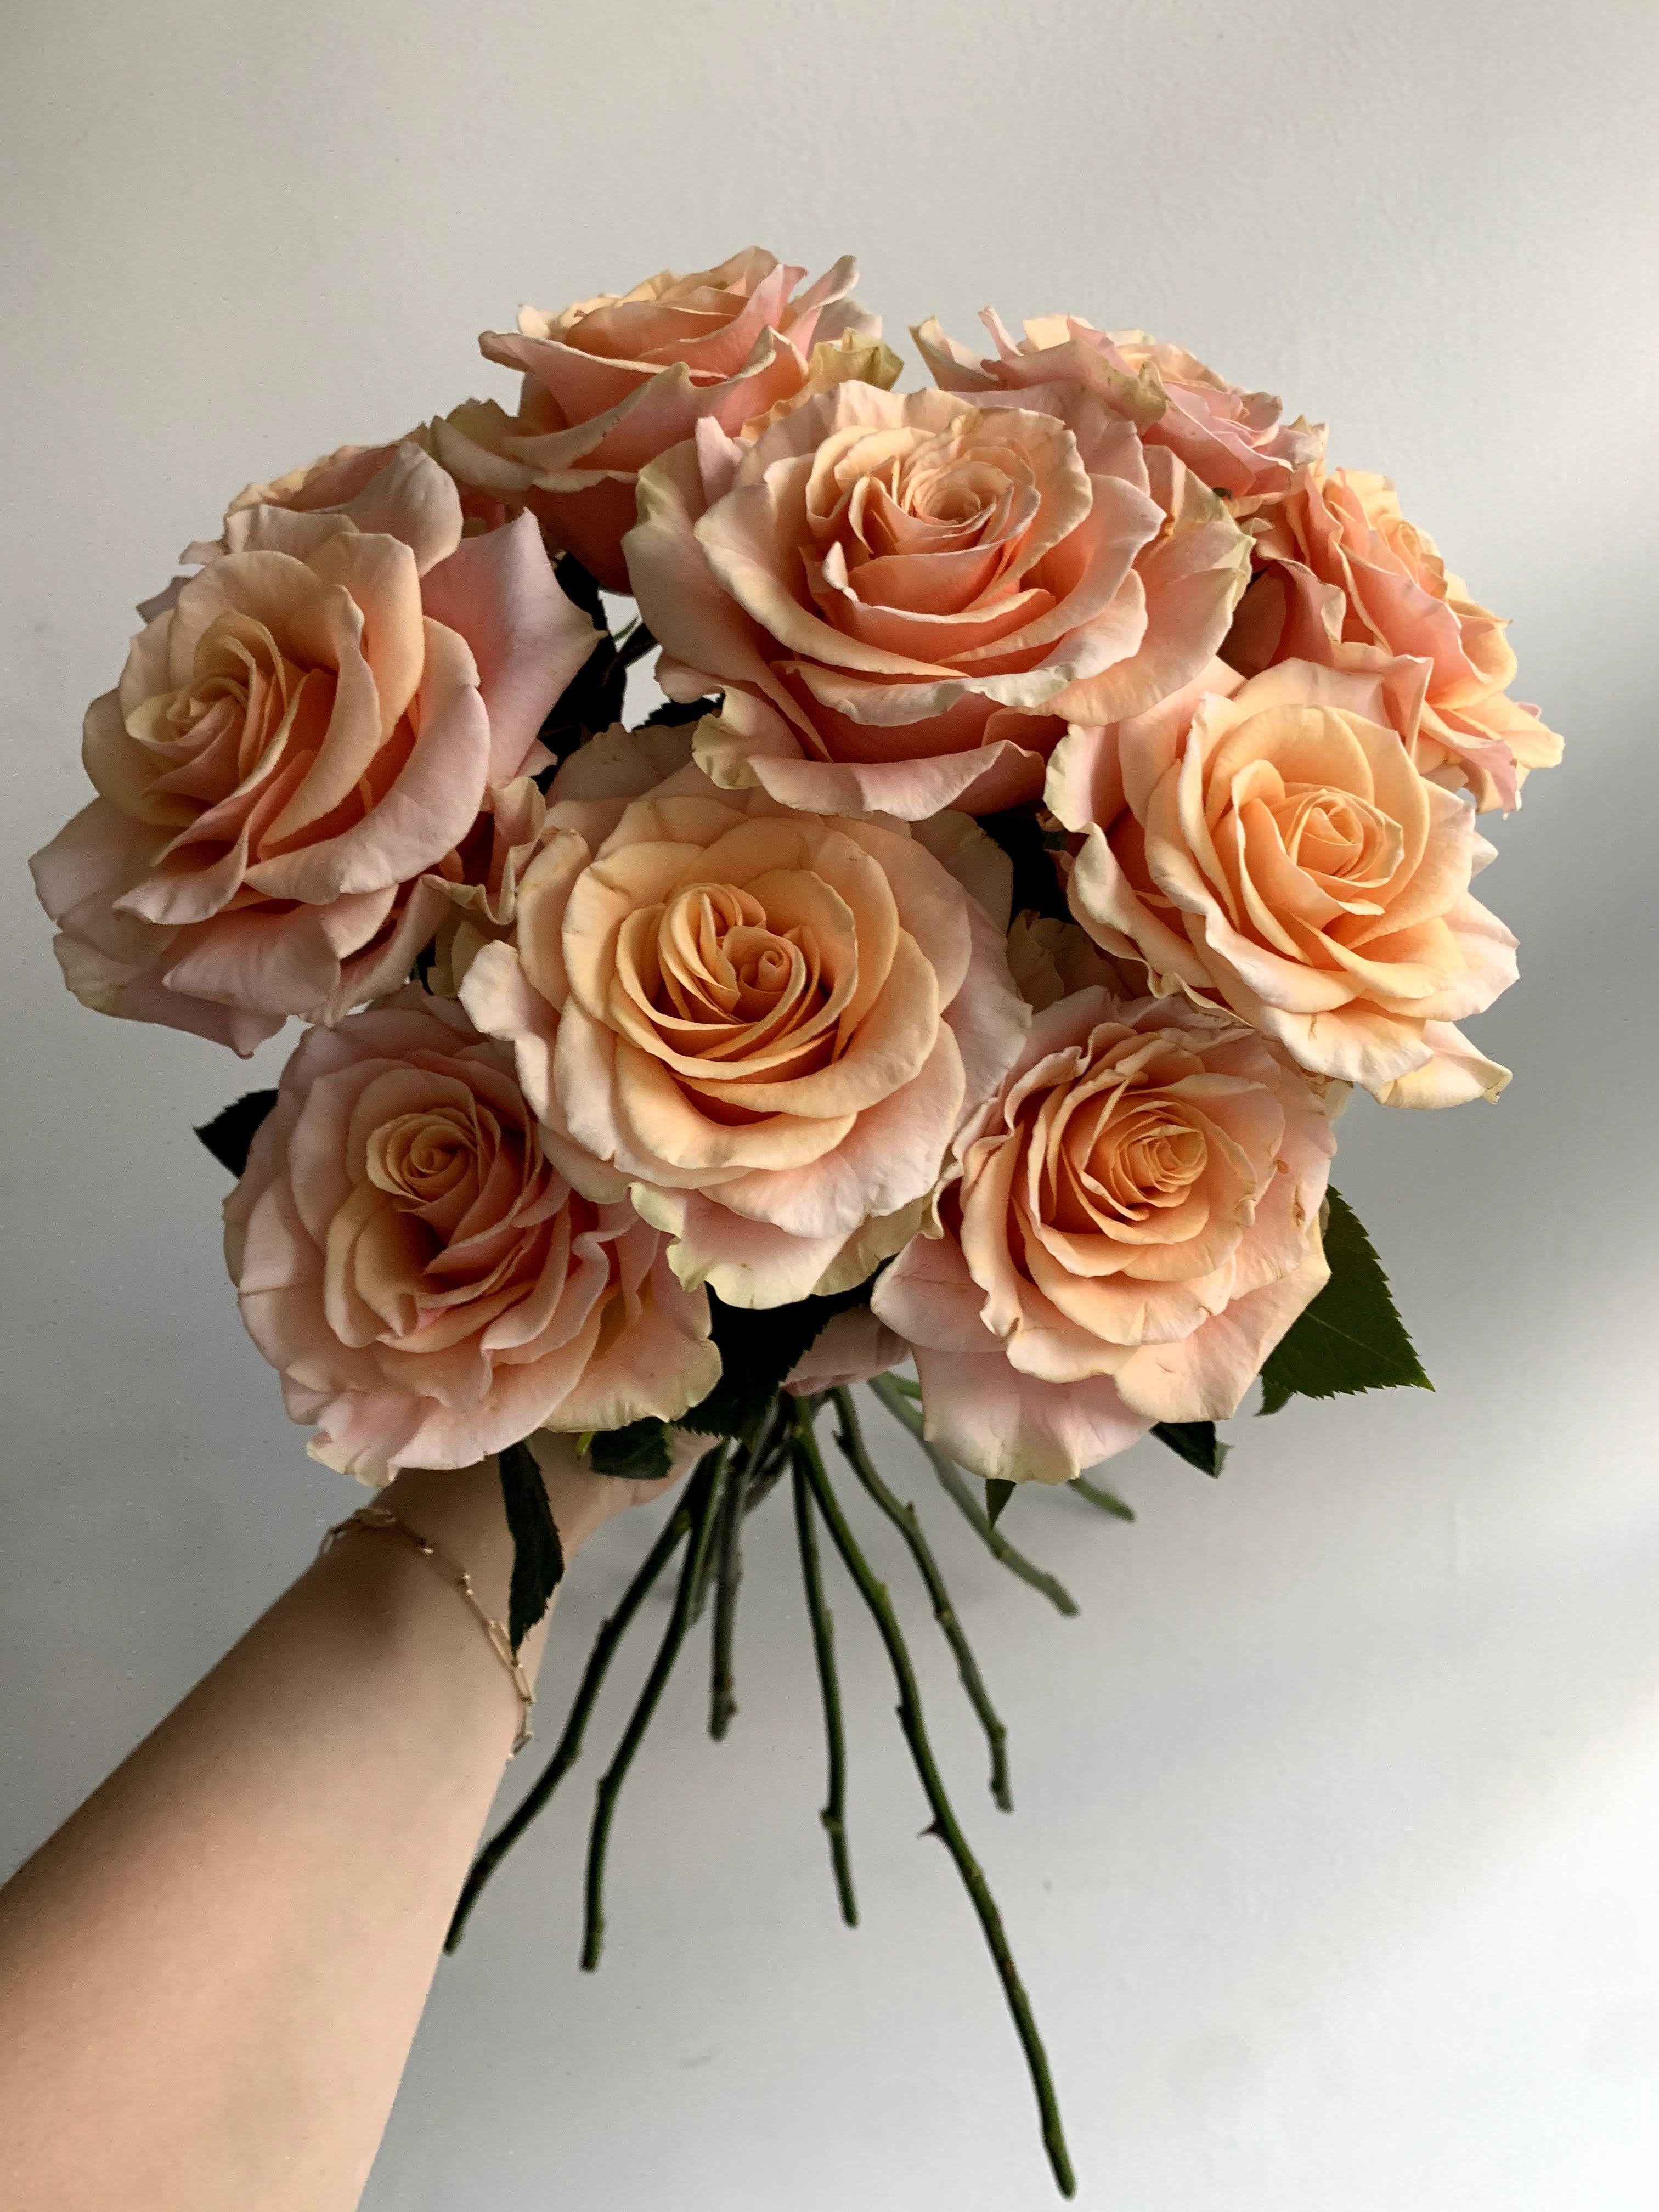 Phoenix Roses In 2021 Beautiful Flower Arrangements Pretty Flowers Flower Aesthetic